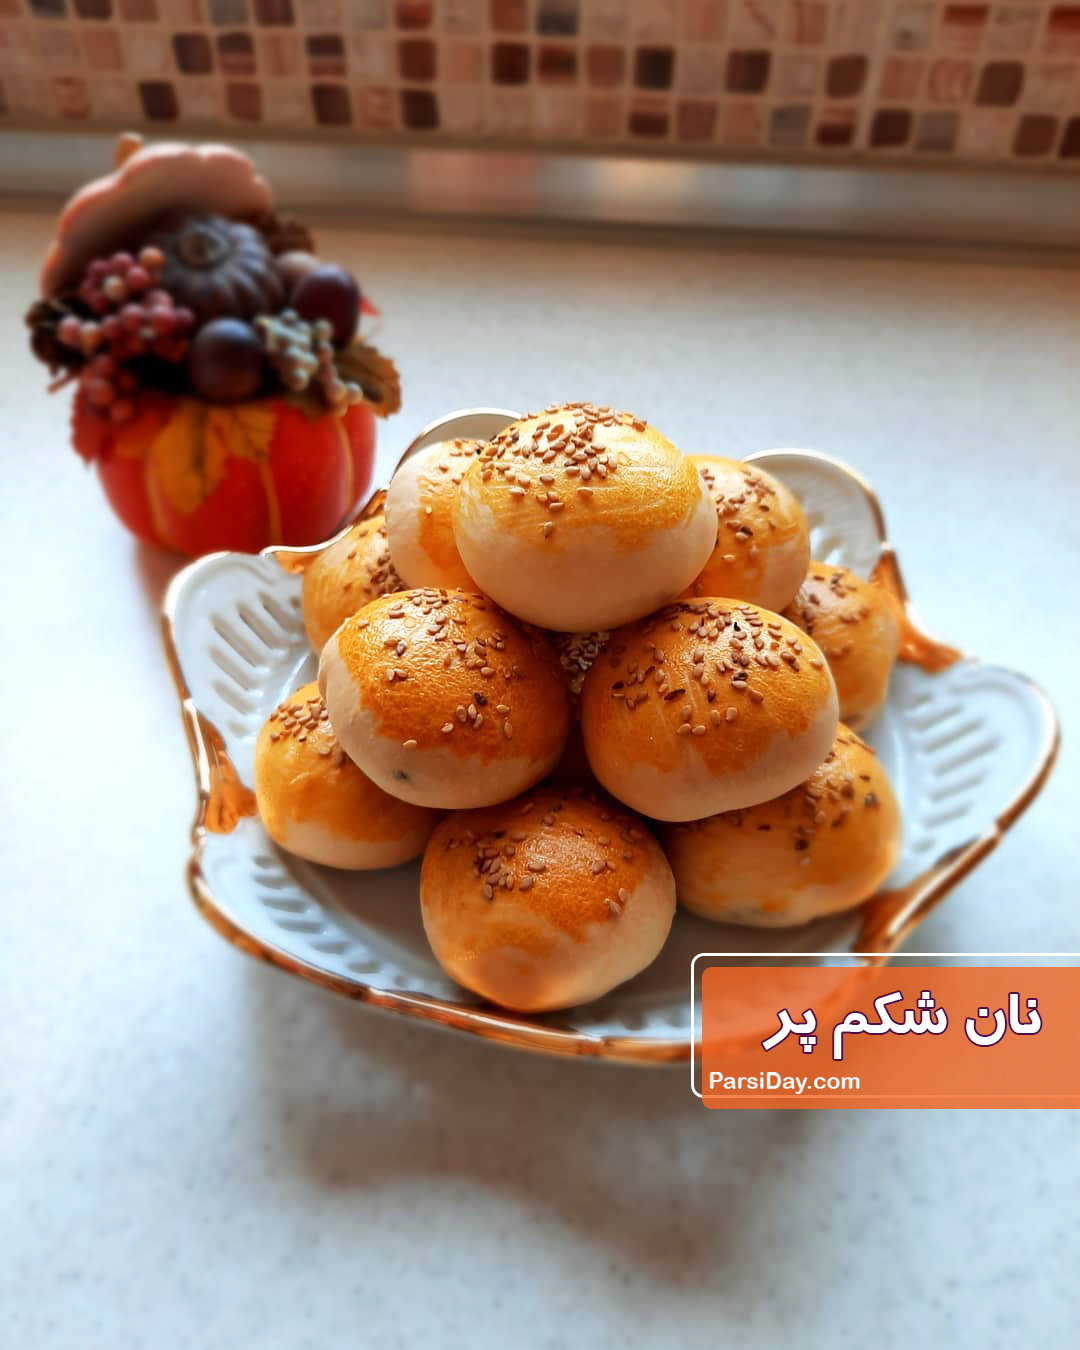 تصویر از طرز تهیه نان شکم پر خوشمزه با گوشت چرخ کرده و خمیر جادویی